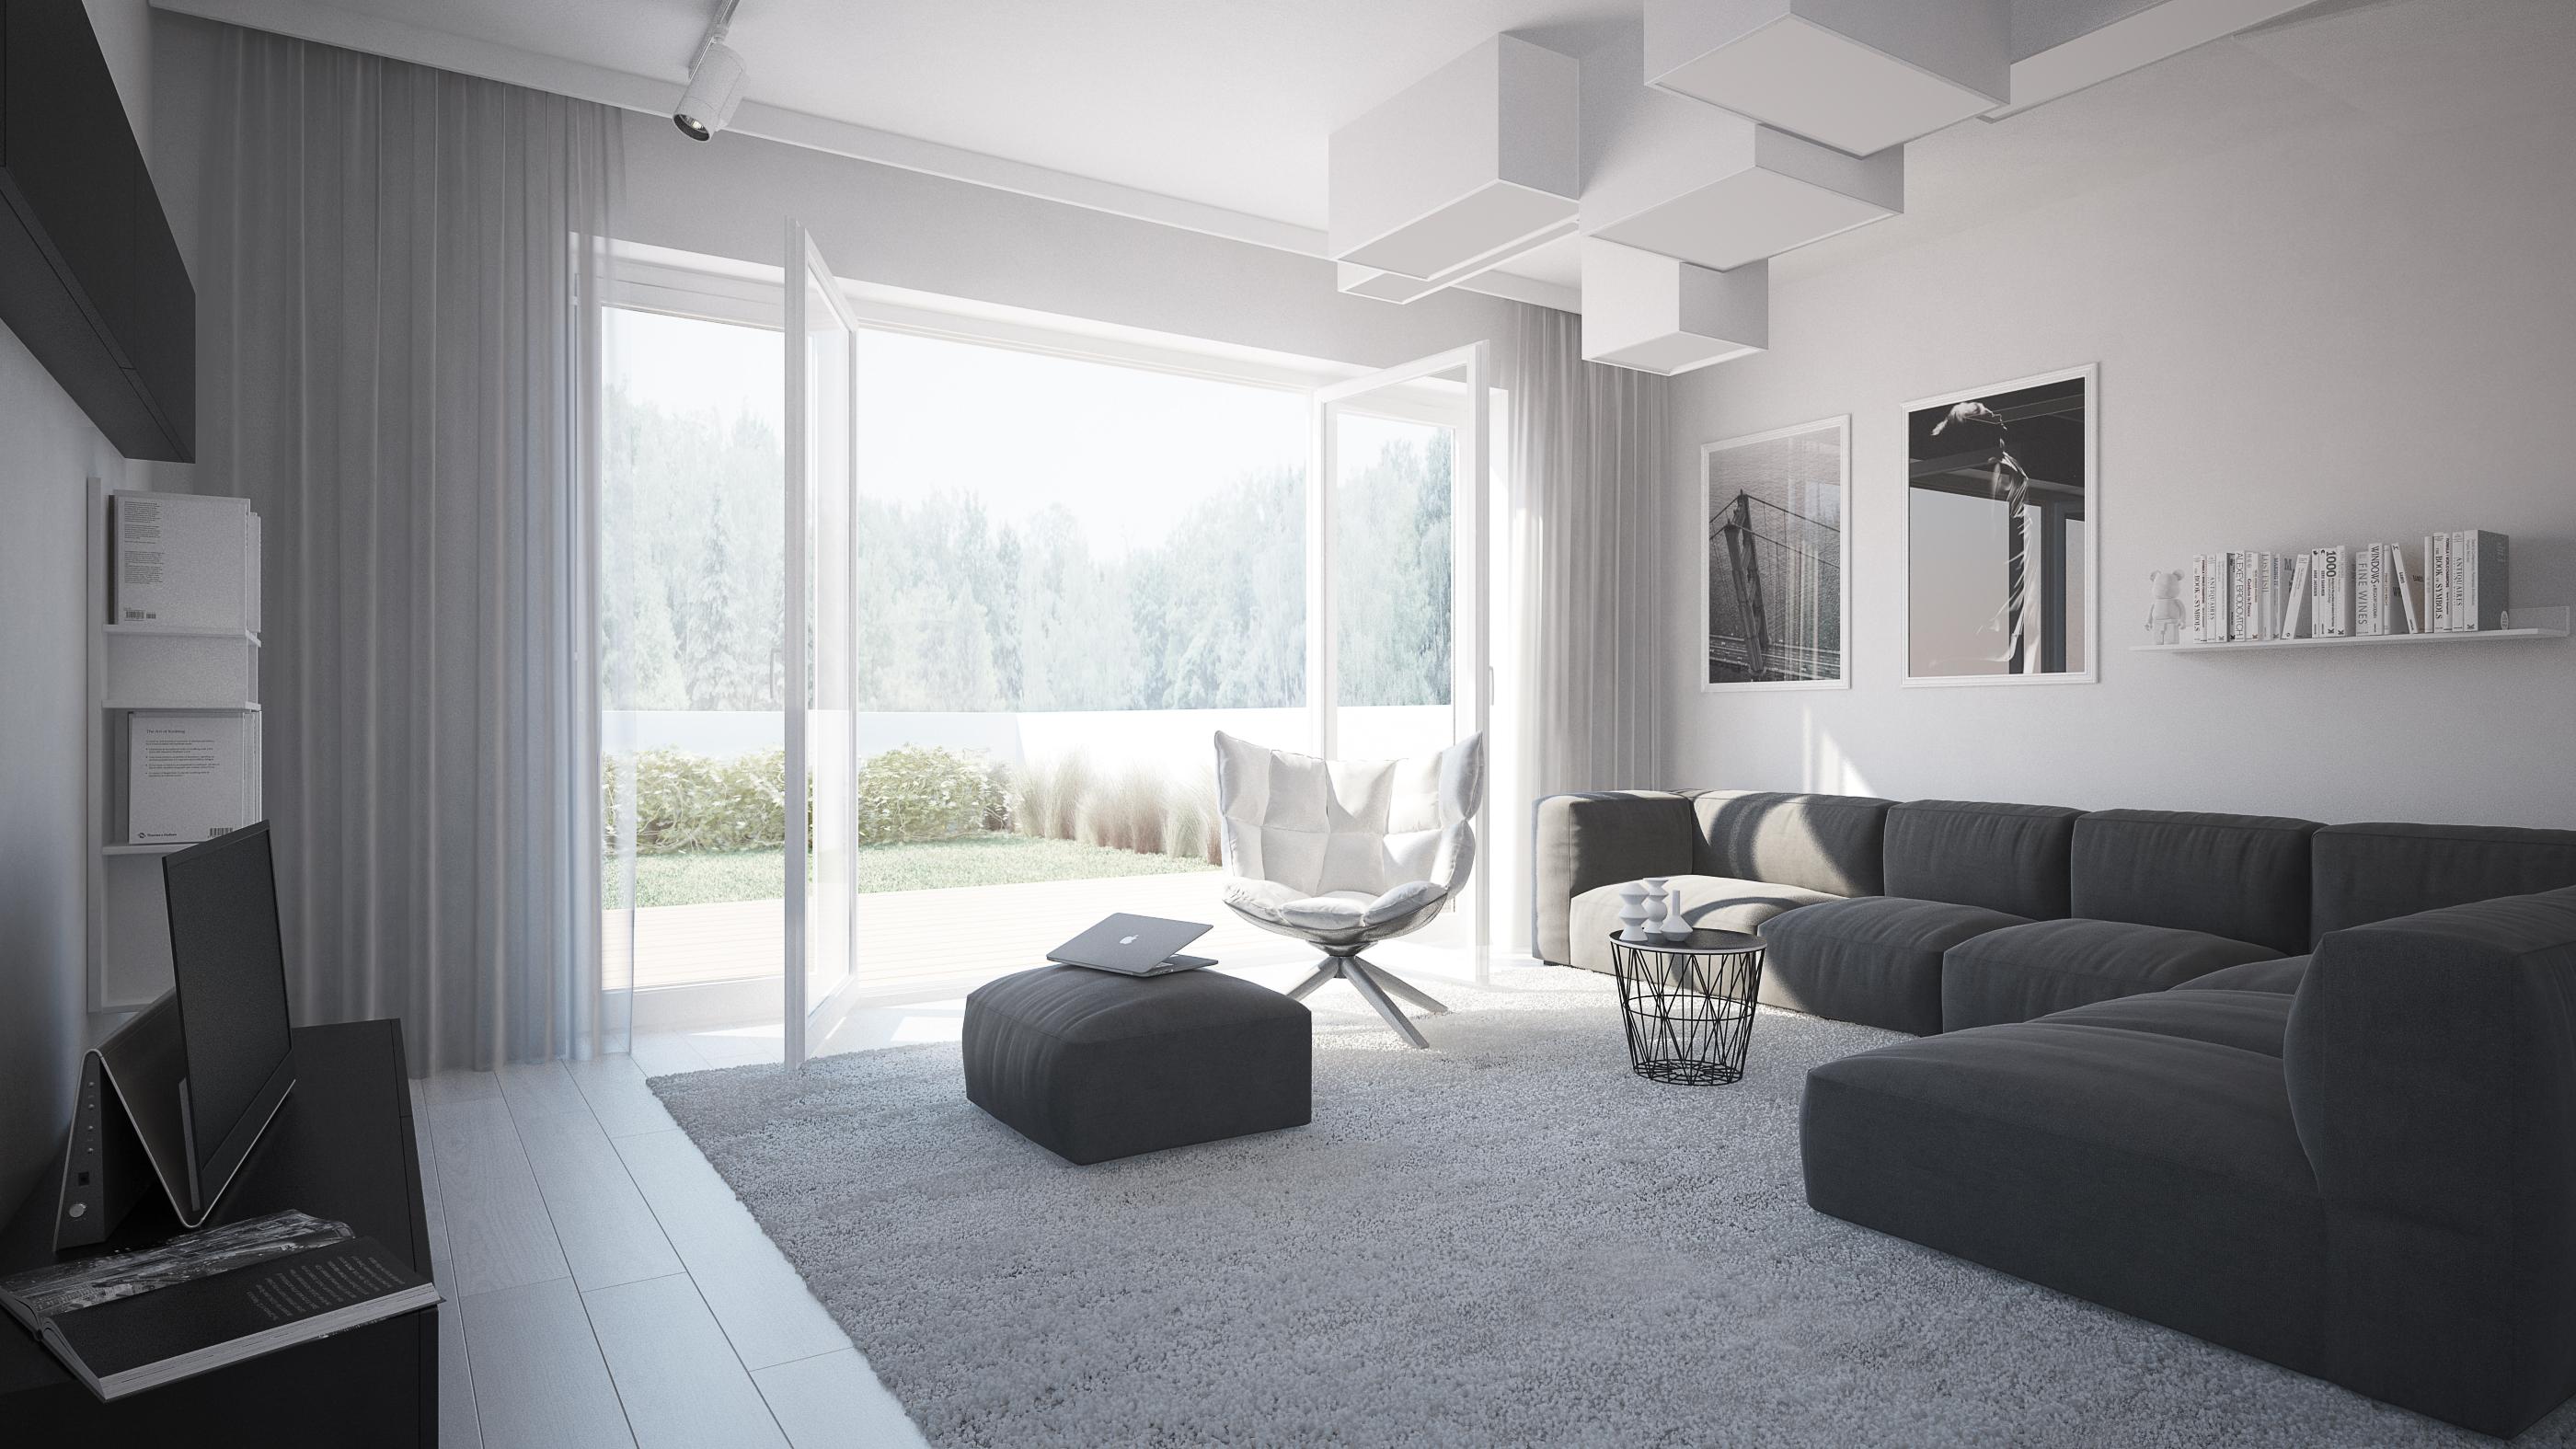 Wizualizacja mieszkanie developerskie Utrecht salon